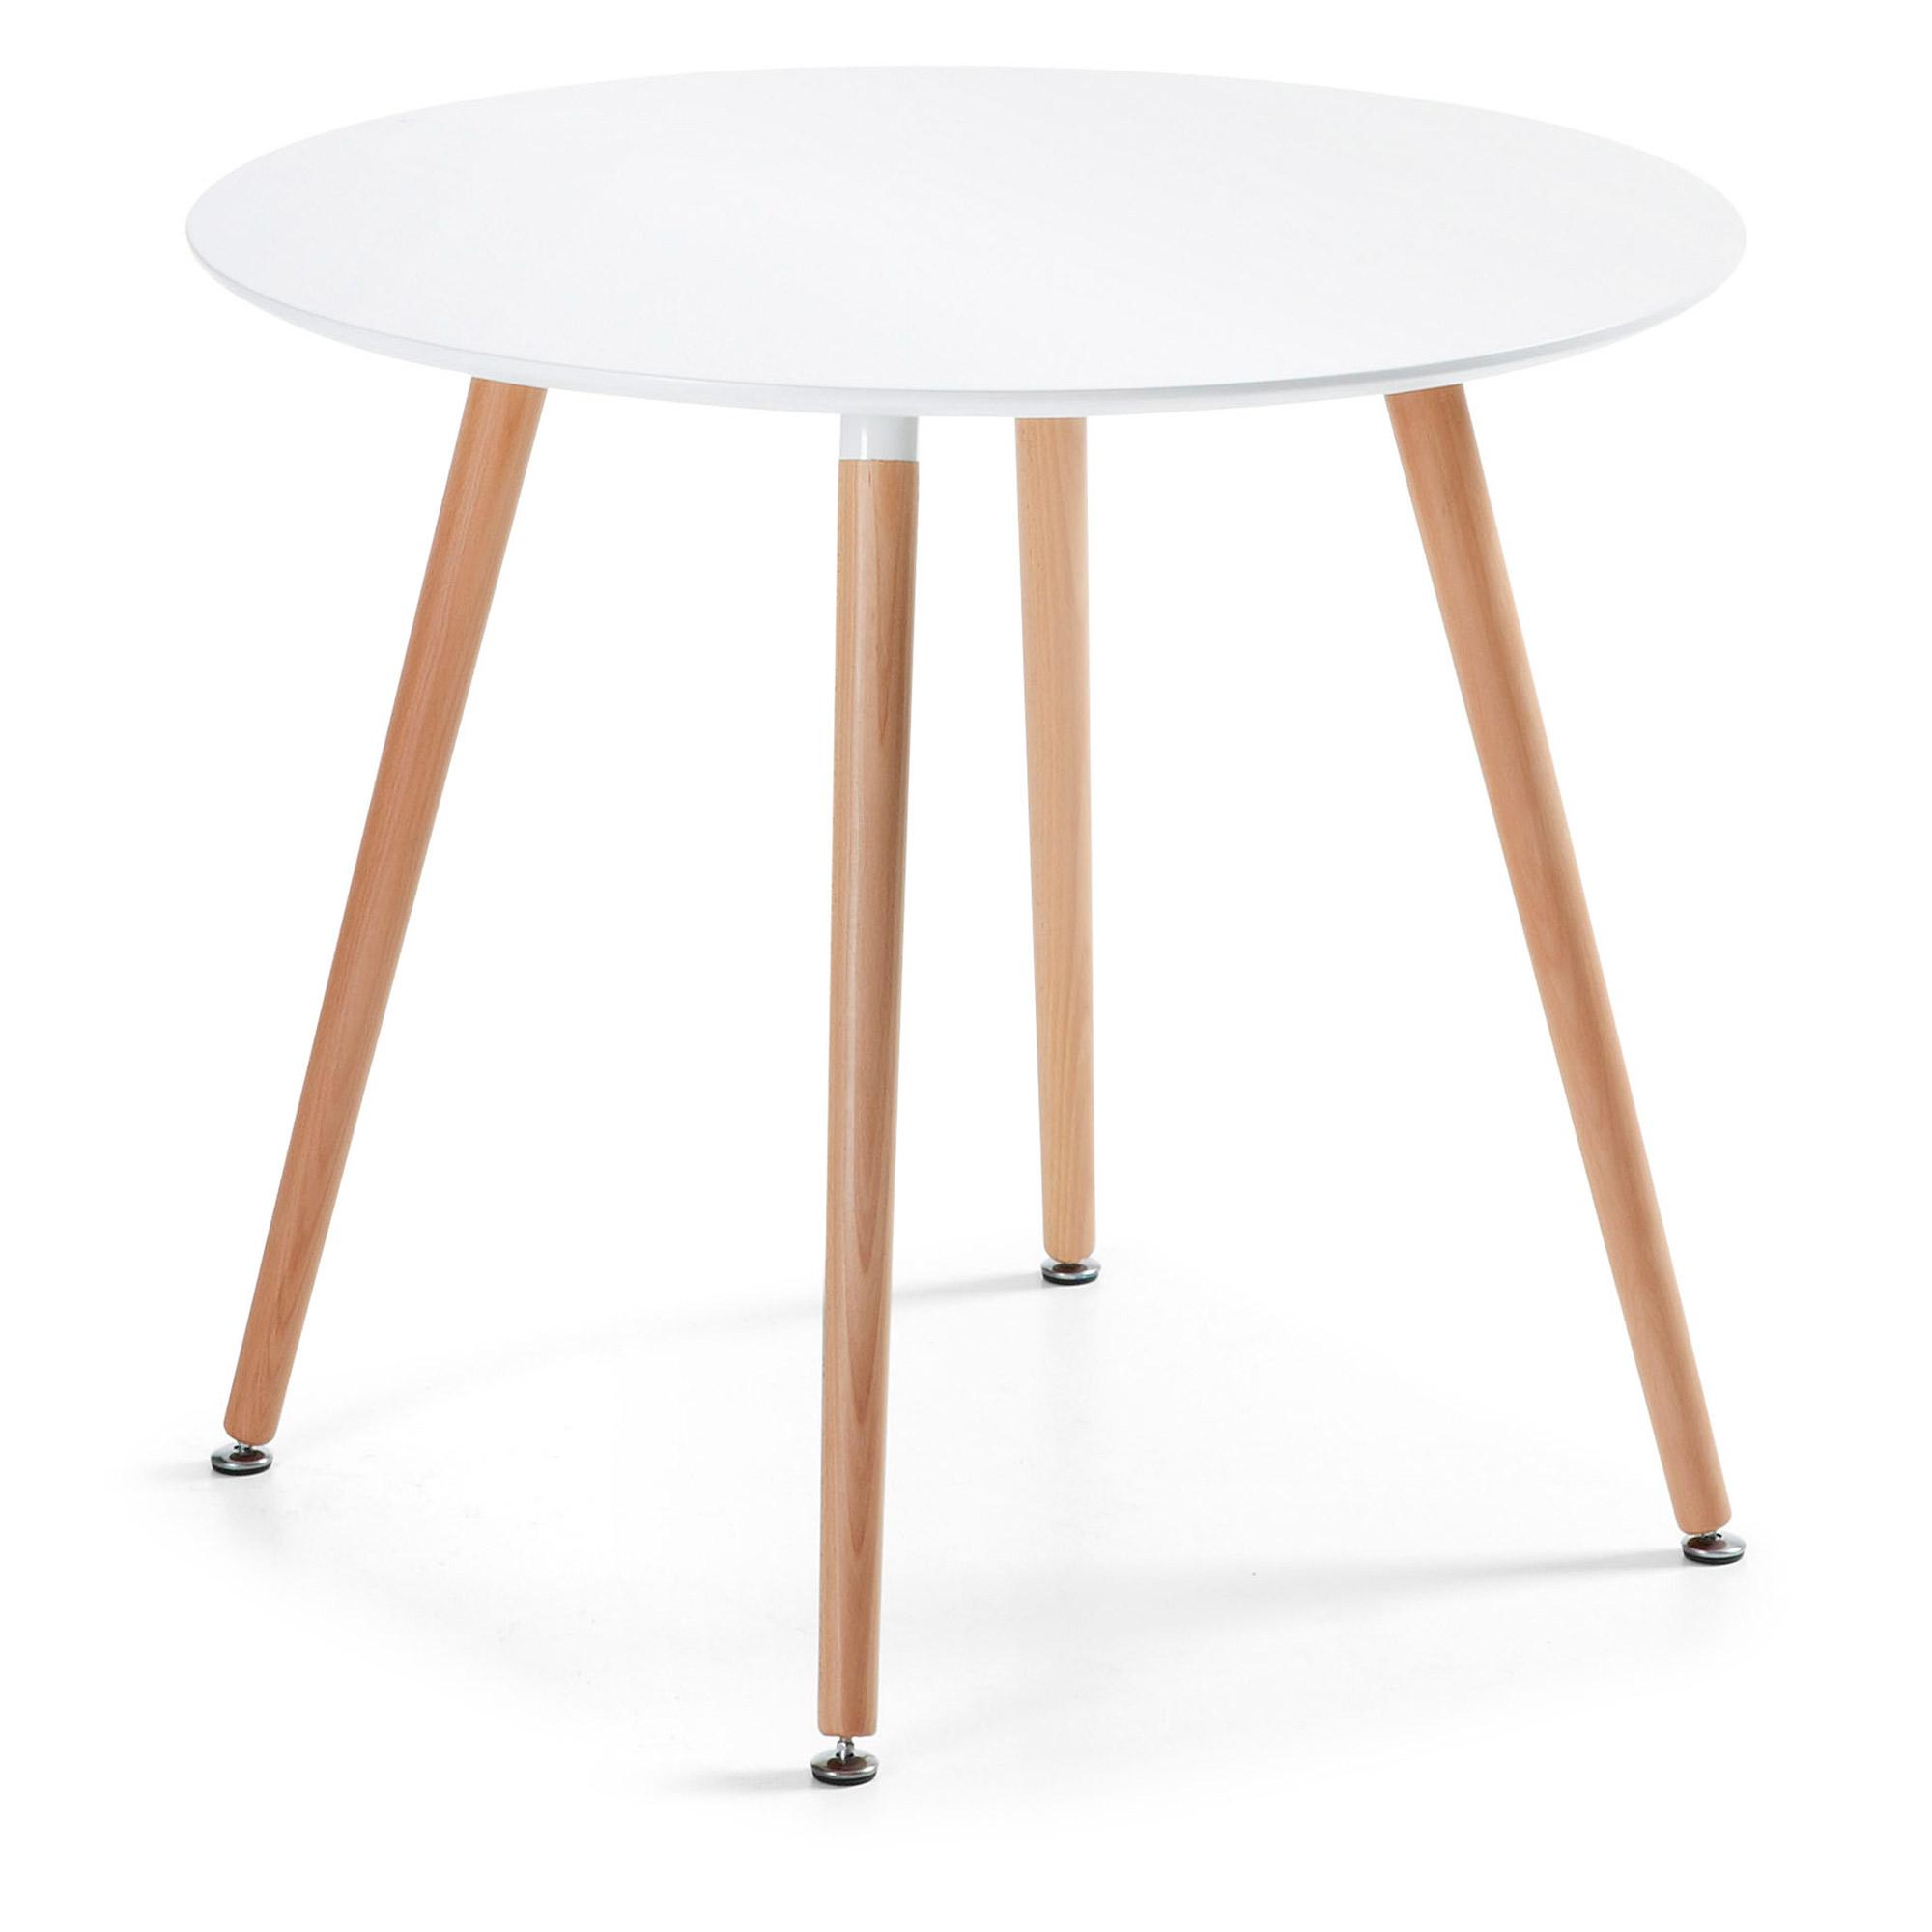 LAFORMA Daw spisebord - natur/hvid bøgetræ/træ, rund (Ø100)